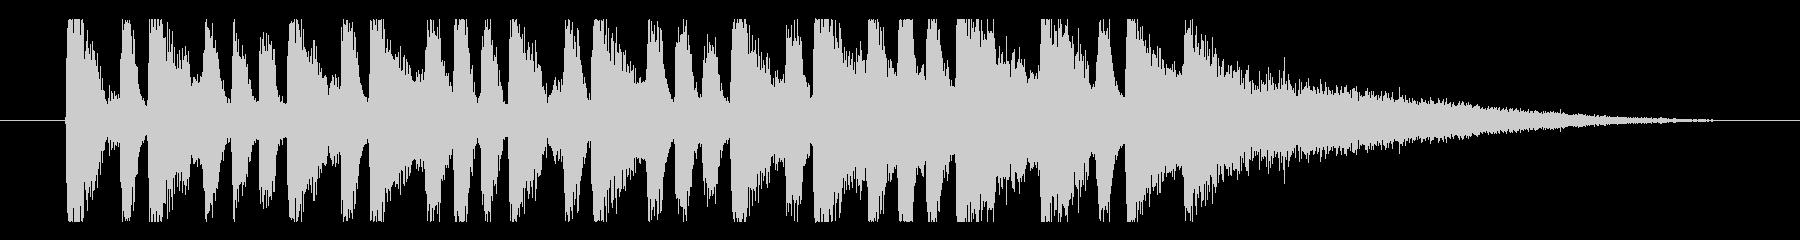 【日曜のラジオ1】の未再生の波形